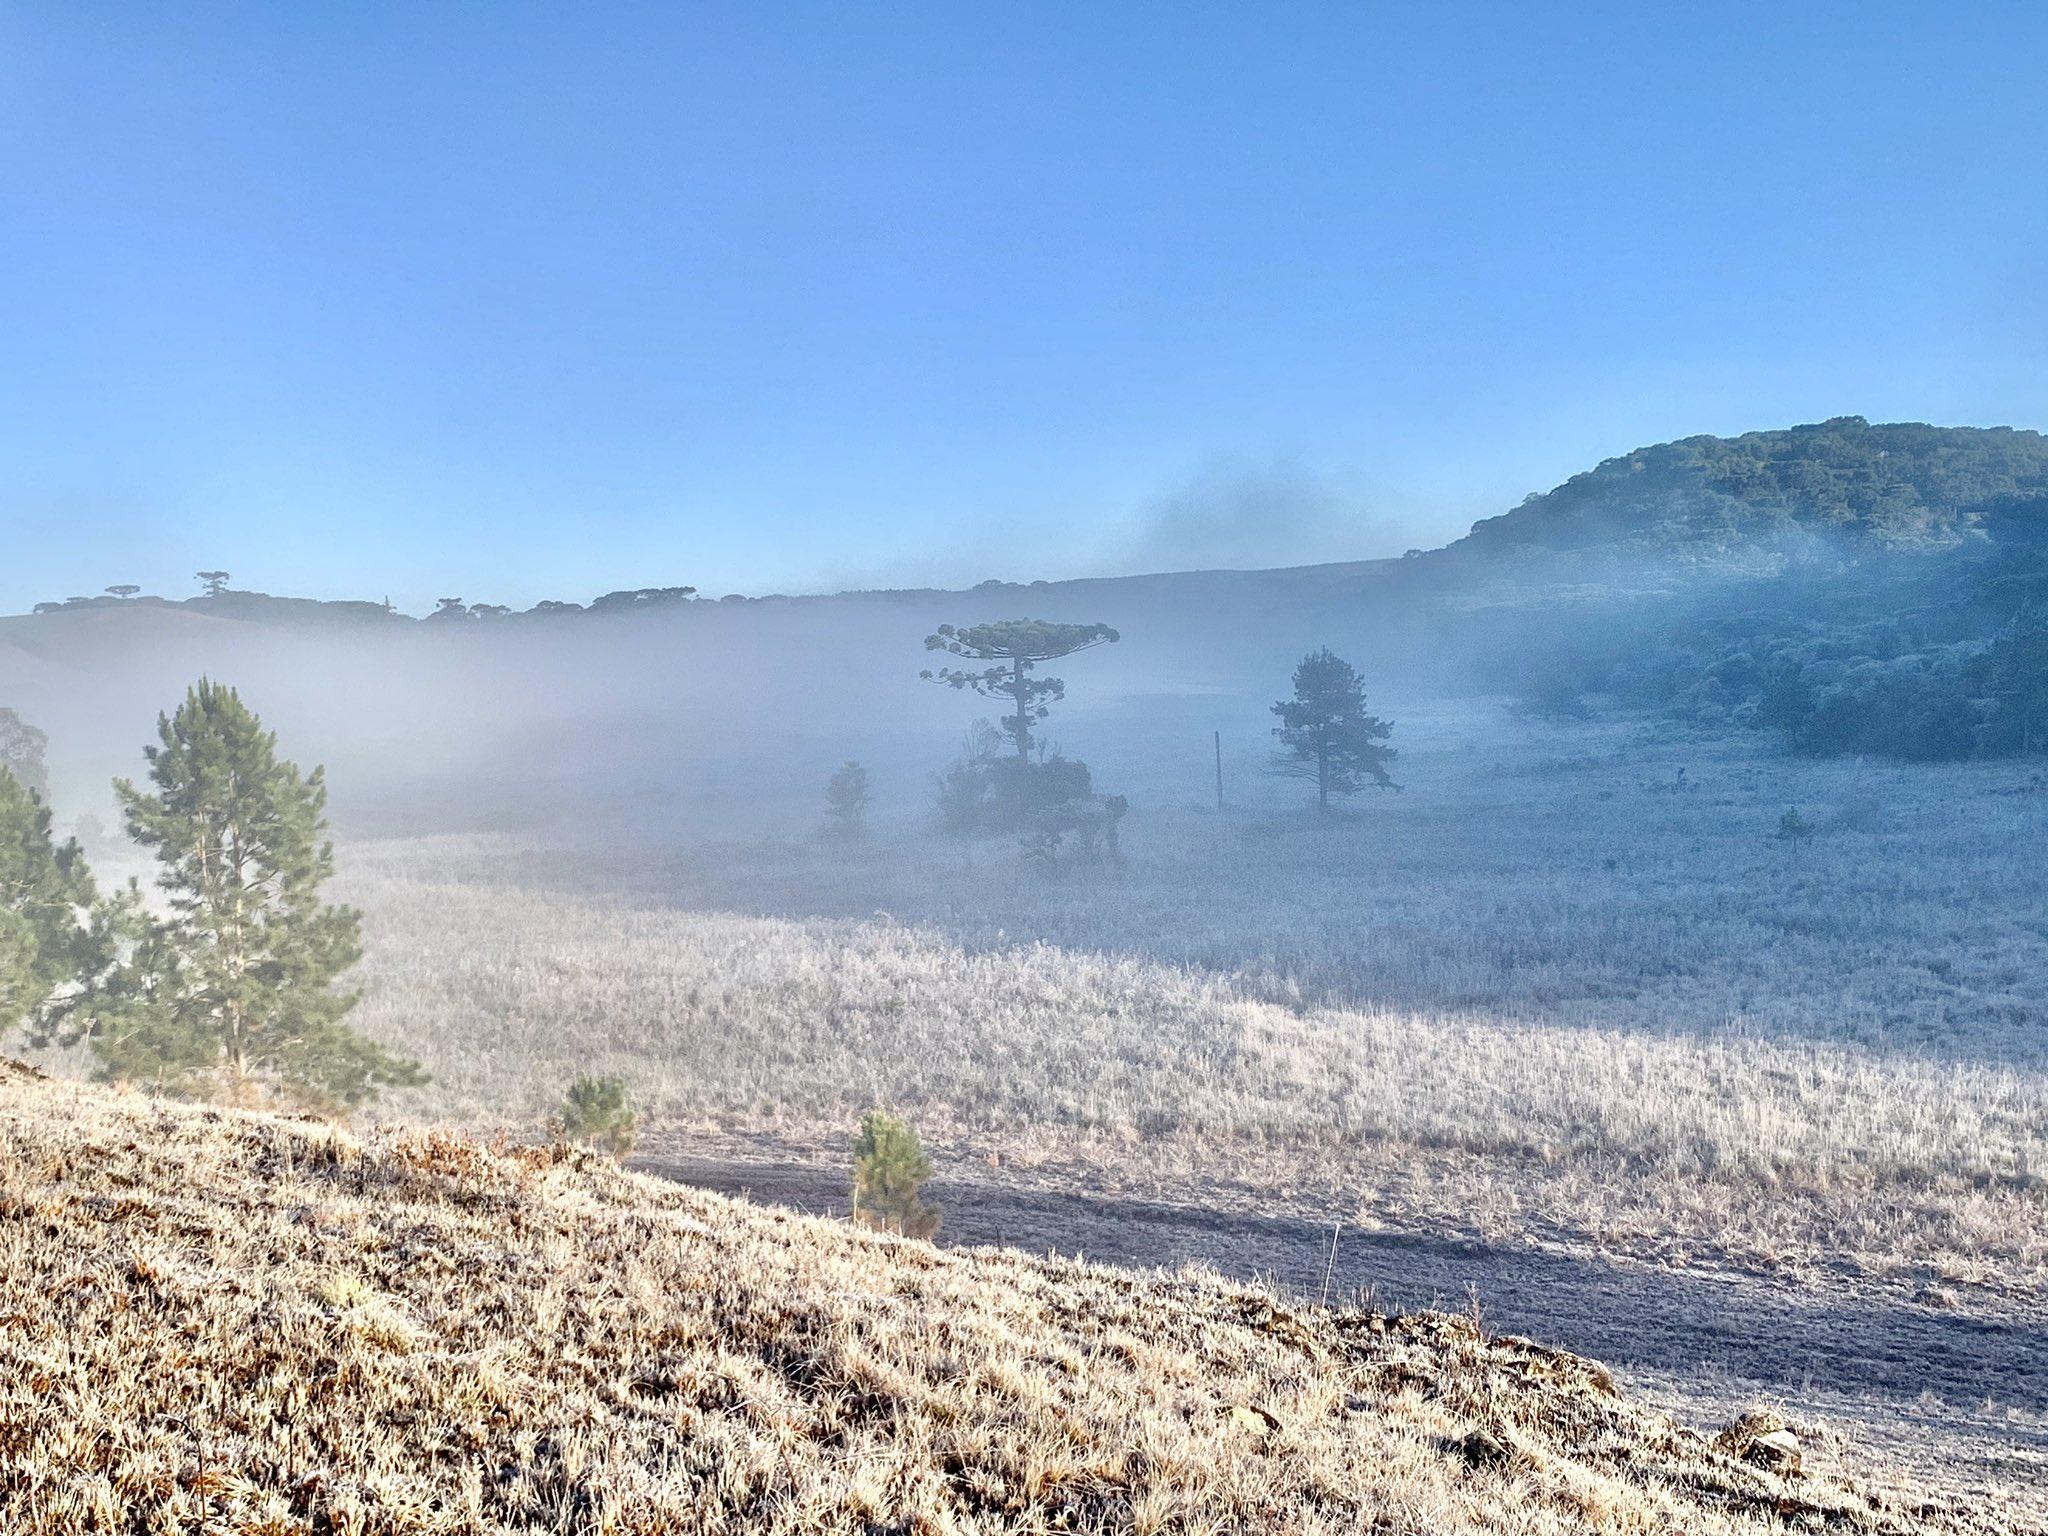 Quase 70 municípios com estações abaixo de zero no Rio Grande do Sul